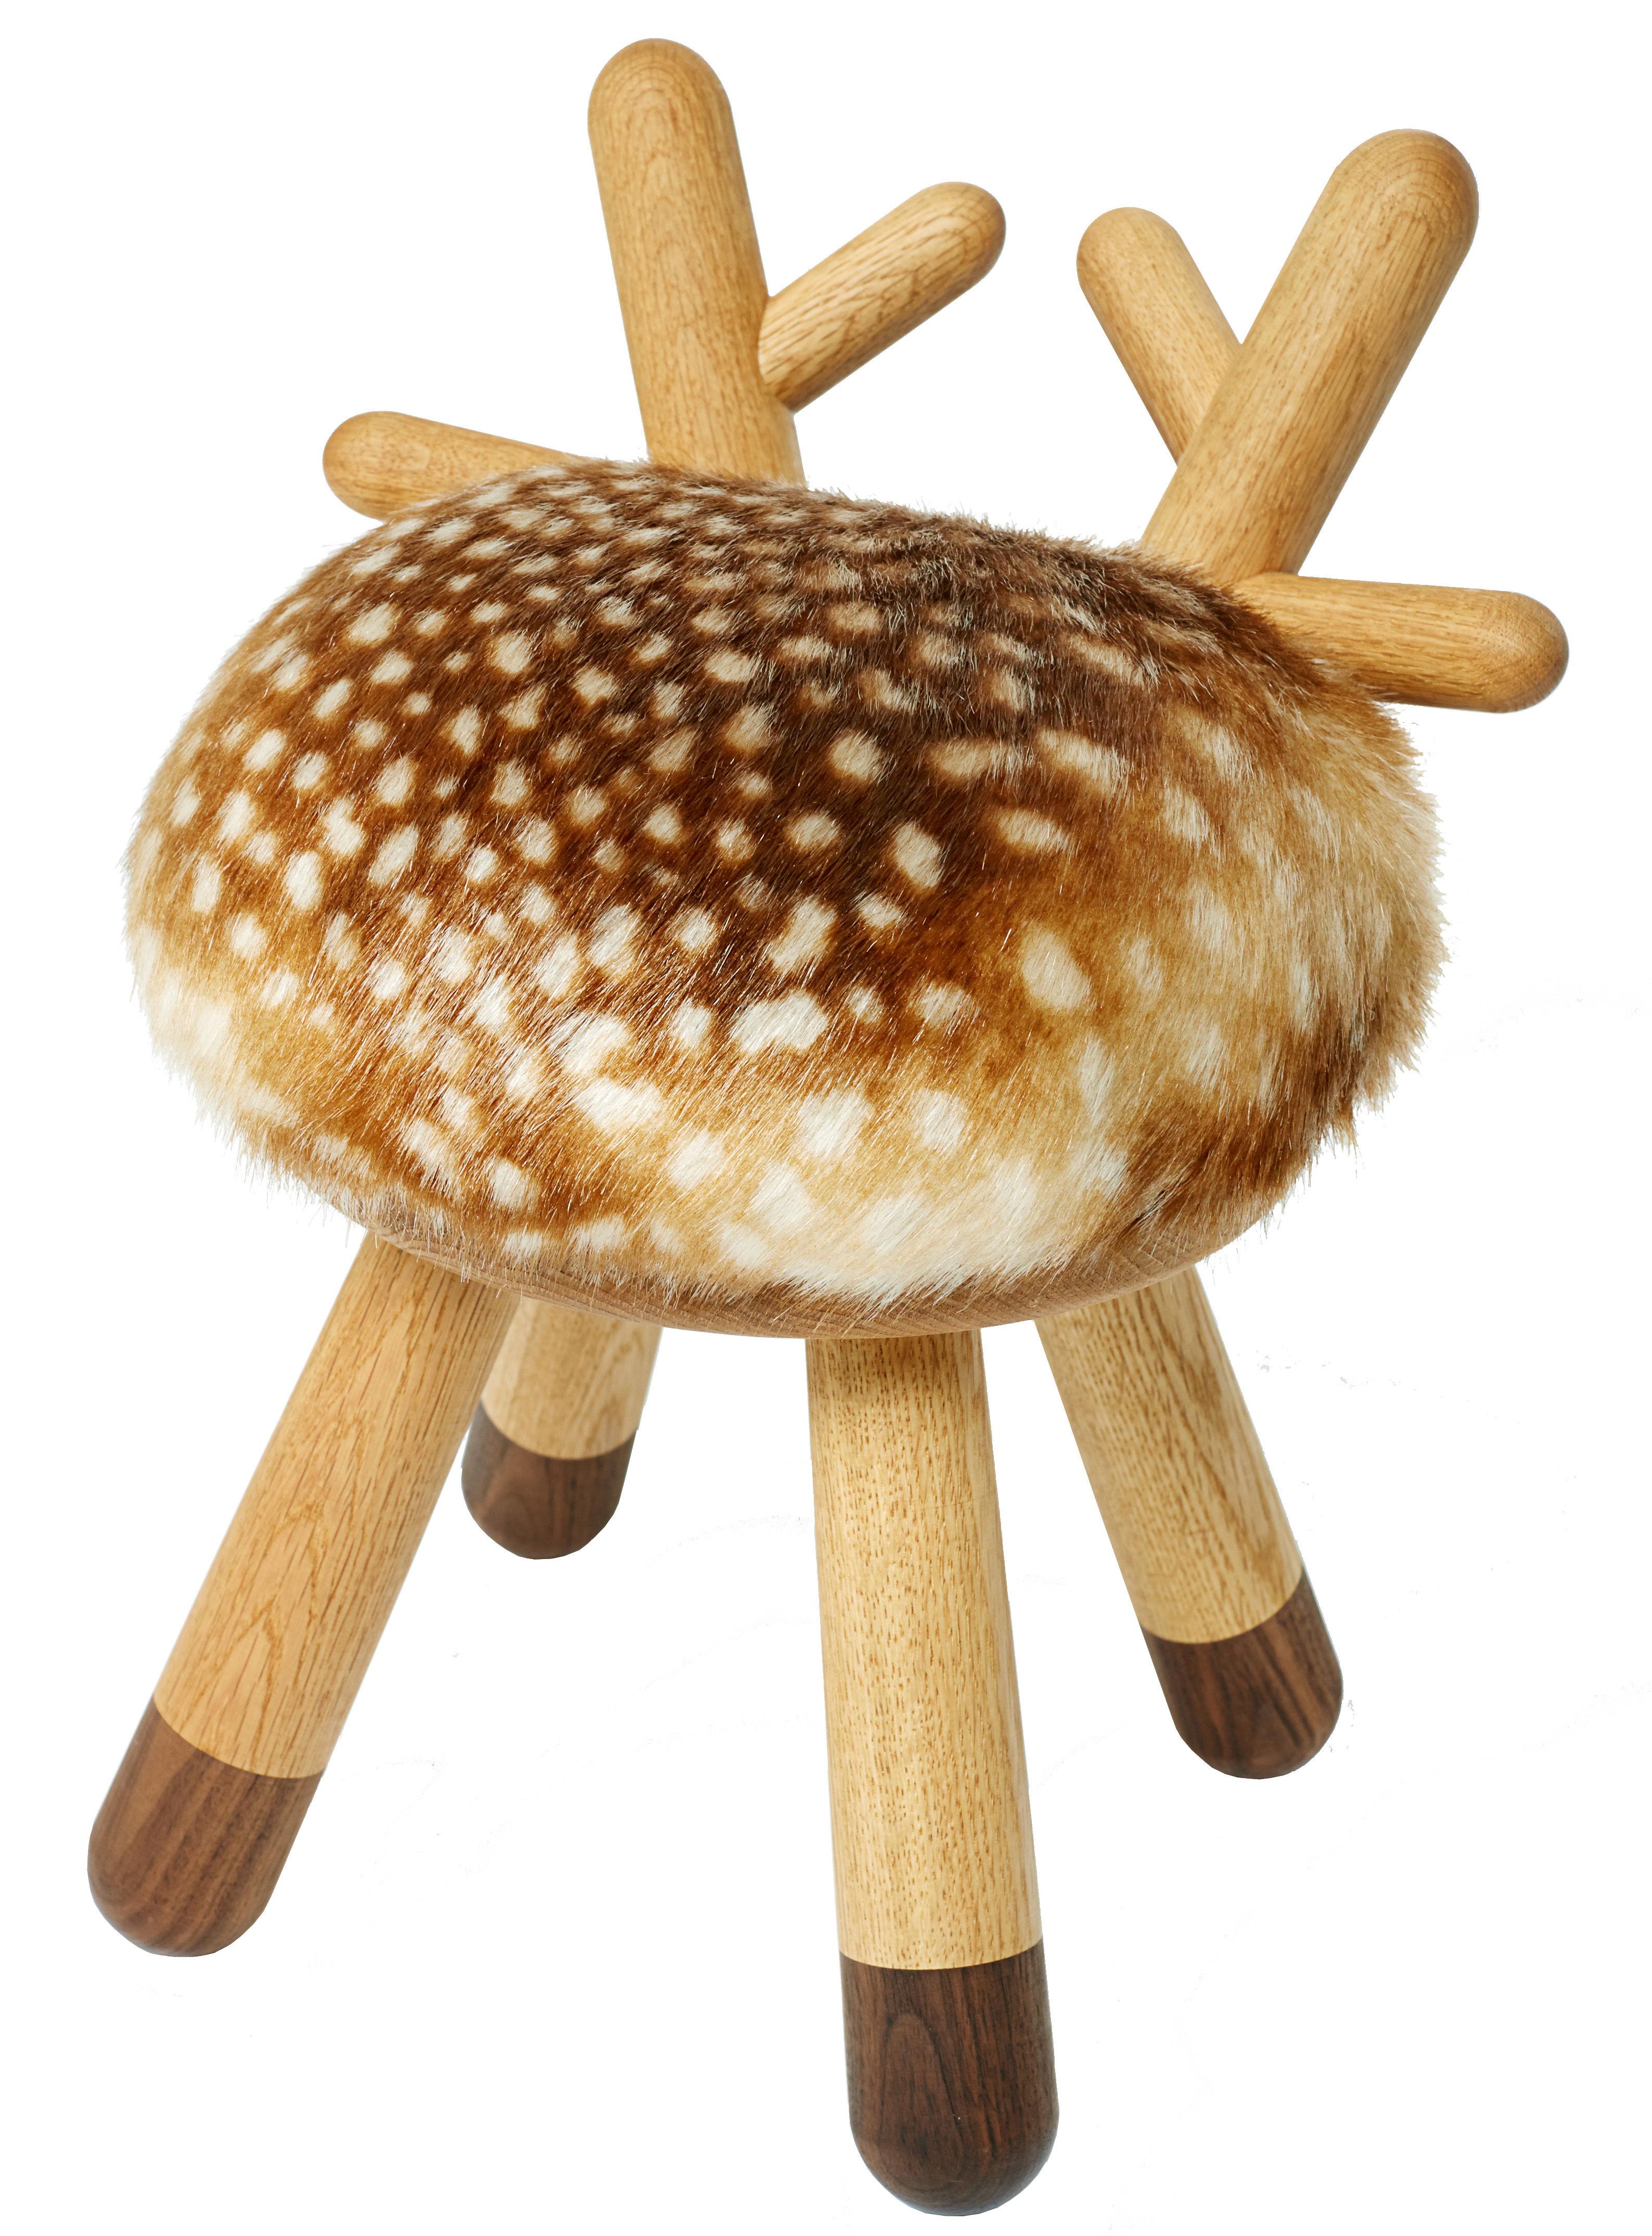 Mobilier - Mobilier Kids - Chaise enfant Bambi / H 40 cm - Elements Optimal - Faon - Chêne massif, Fourrure synthétique, Mousse, Noyer massif